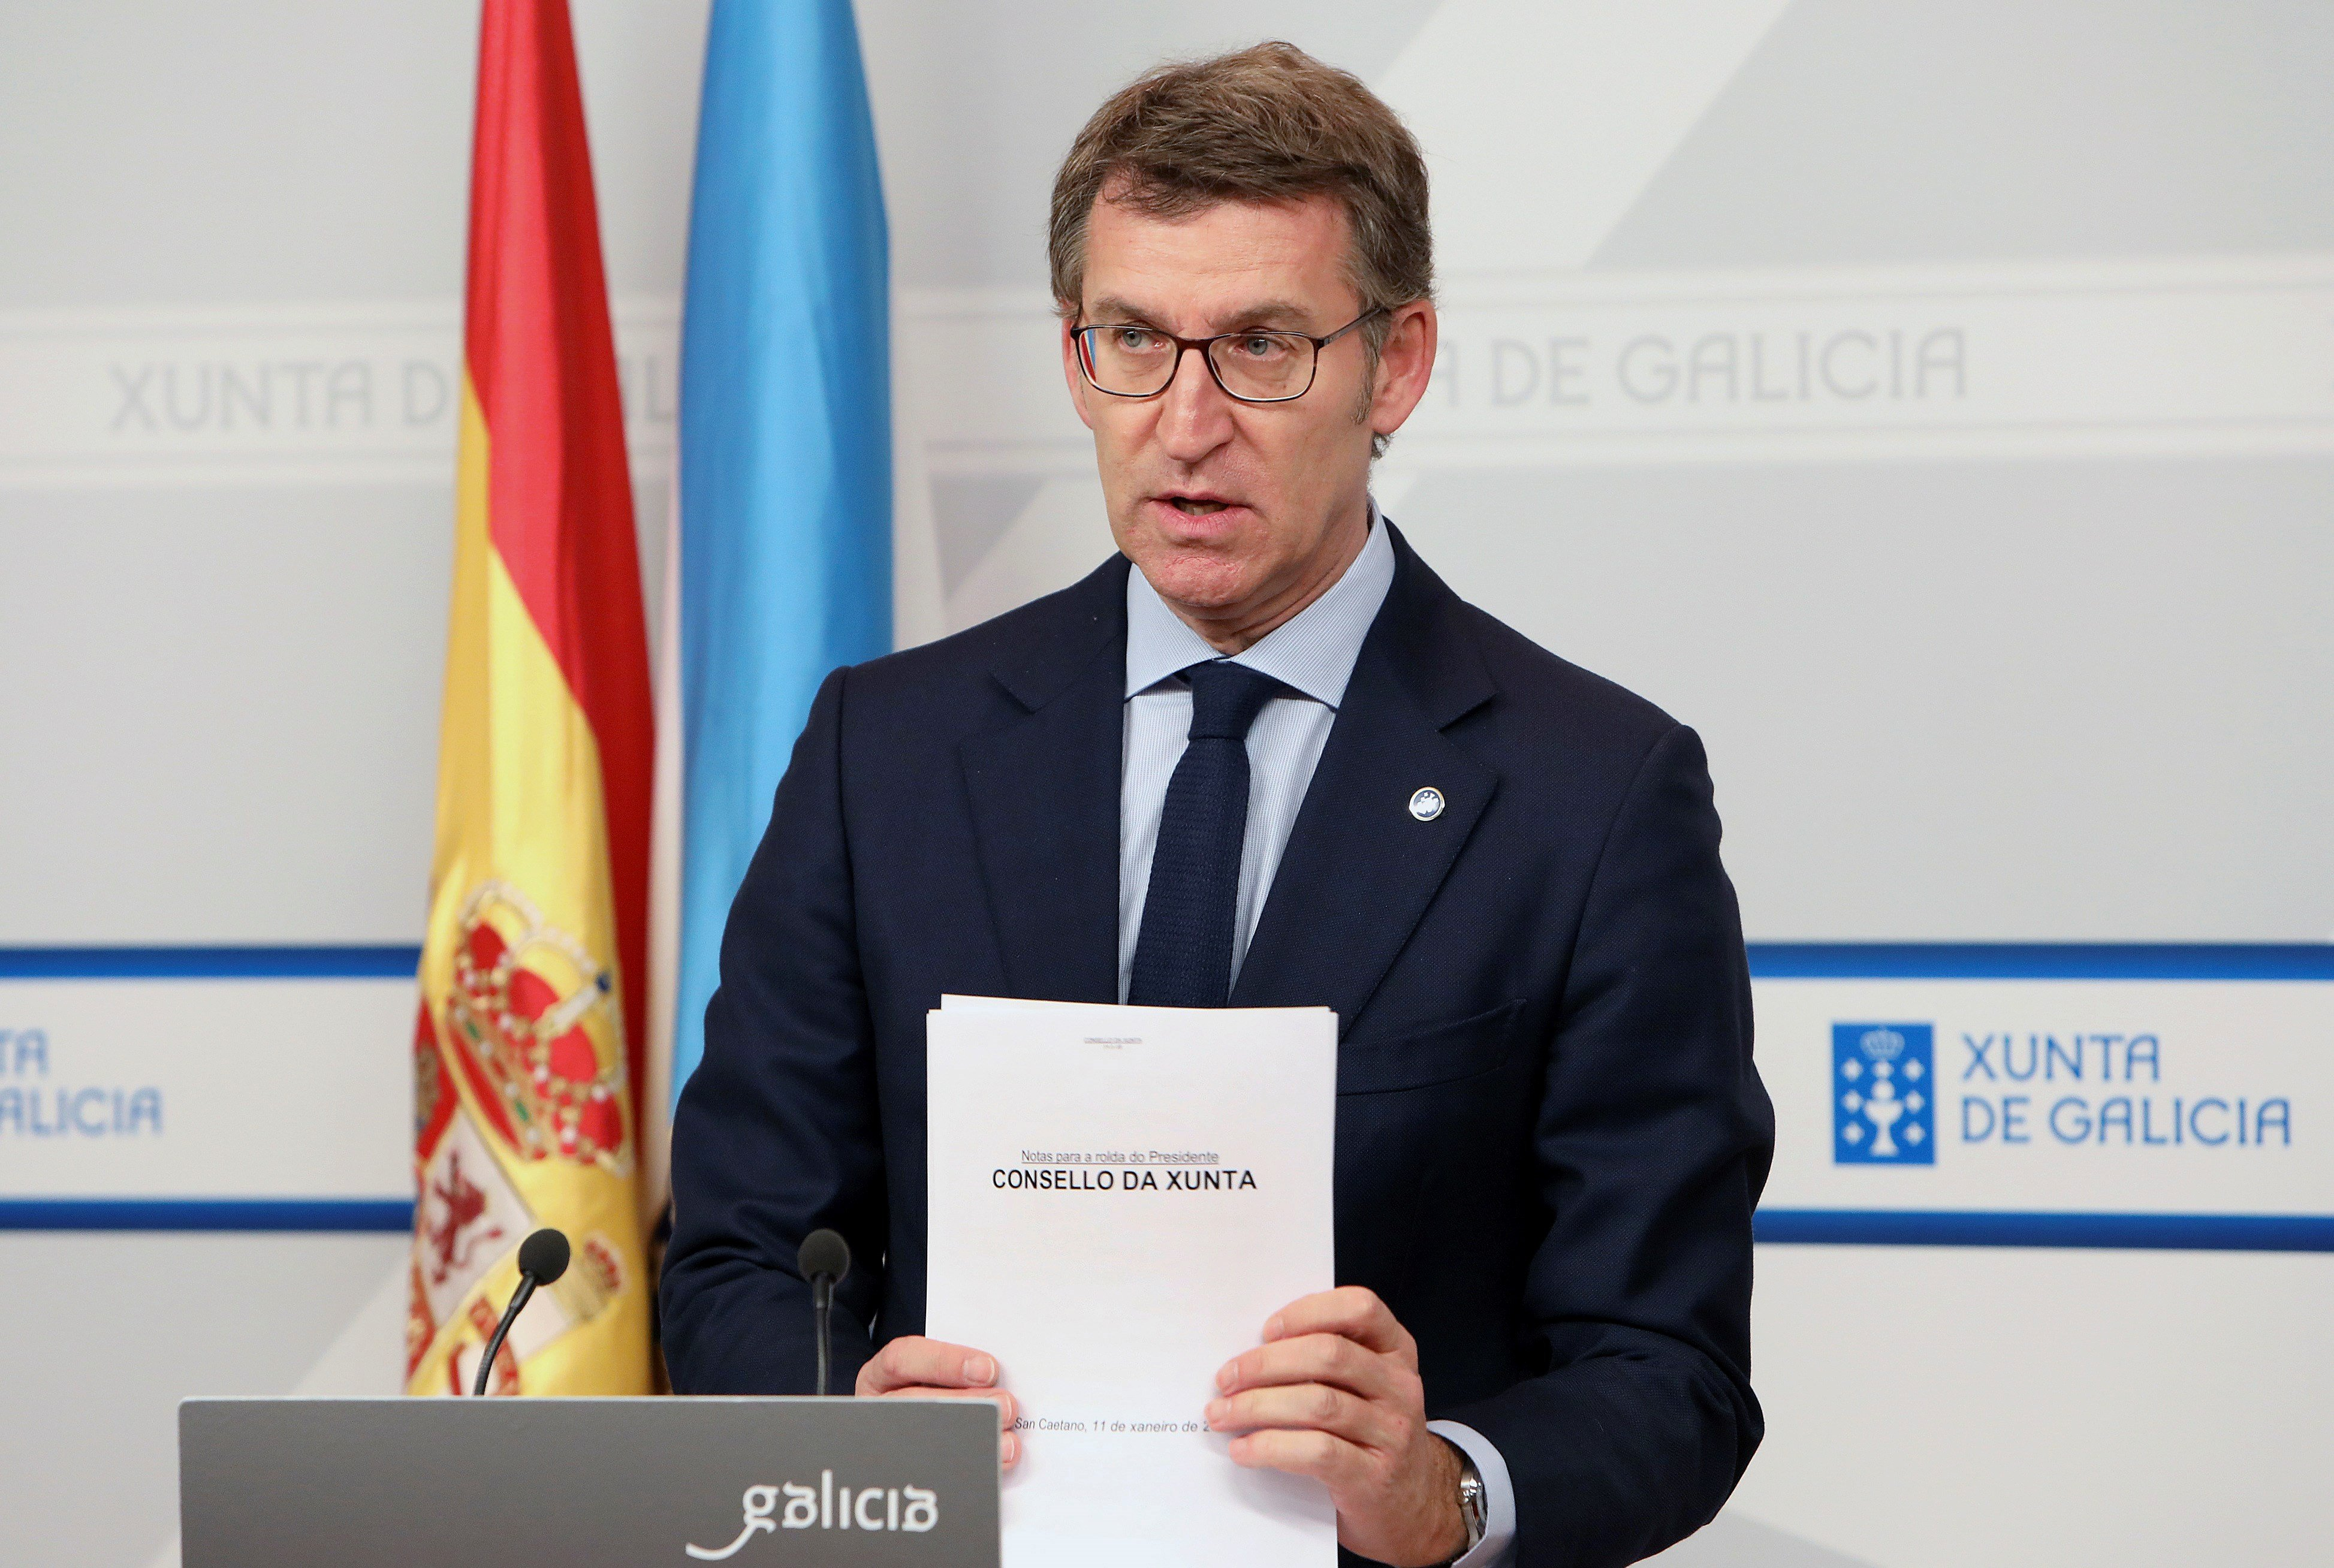 El presidente de la Xunta de Galicia, Alberto Núñez Feijóo, durante la rueda de prensa posterior a la reunión del primer Consello del año  - FOTO: EFE